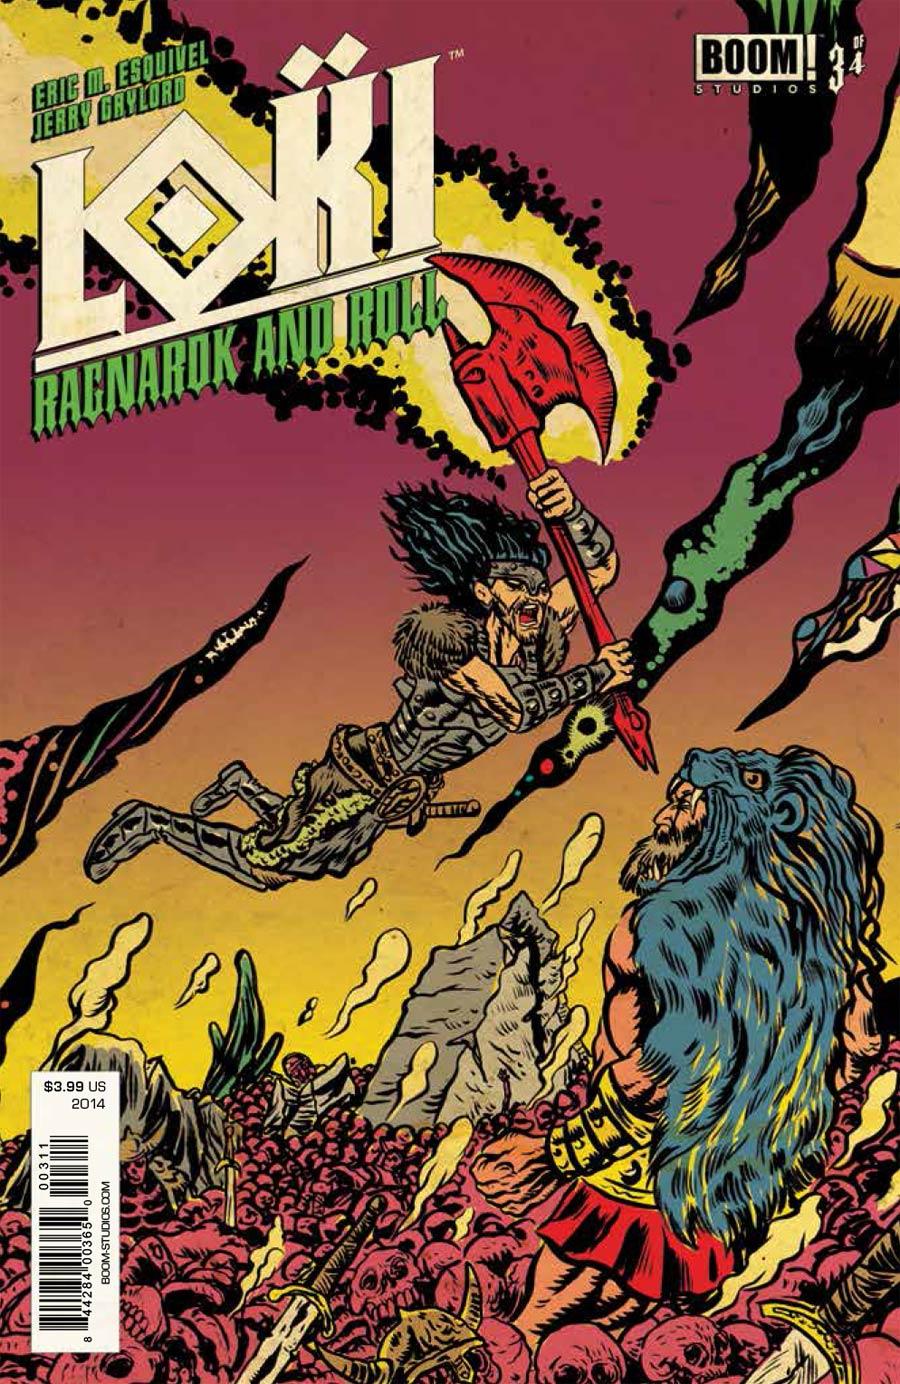 Loki Ragnarok & Roll #3